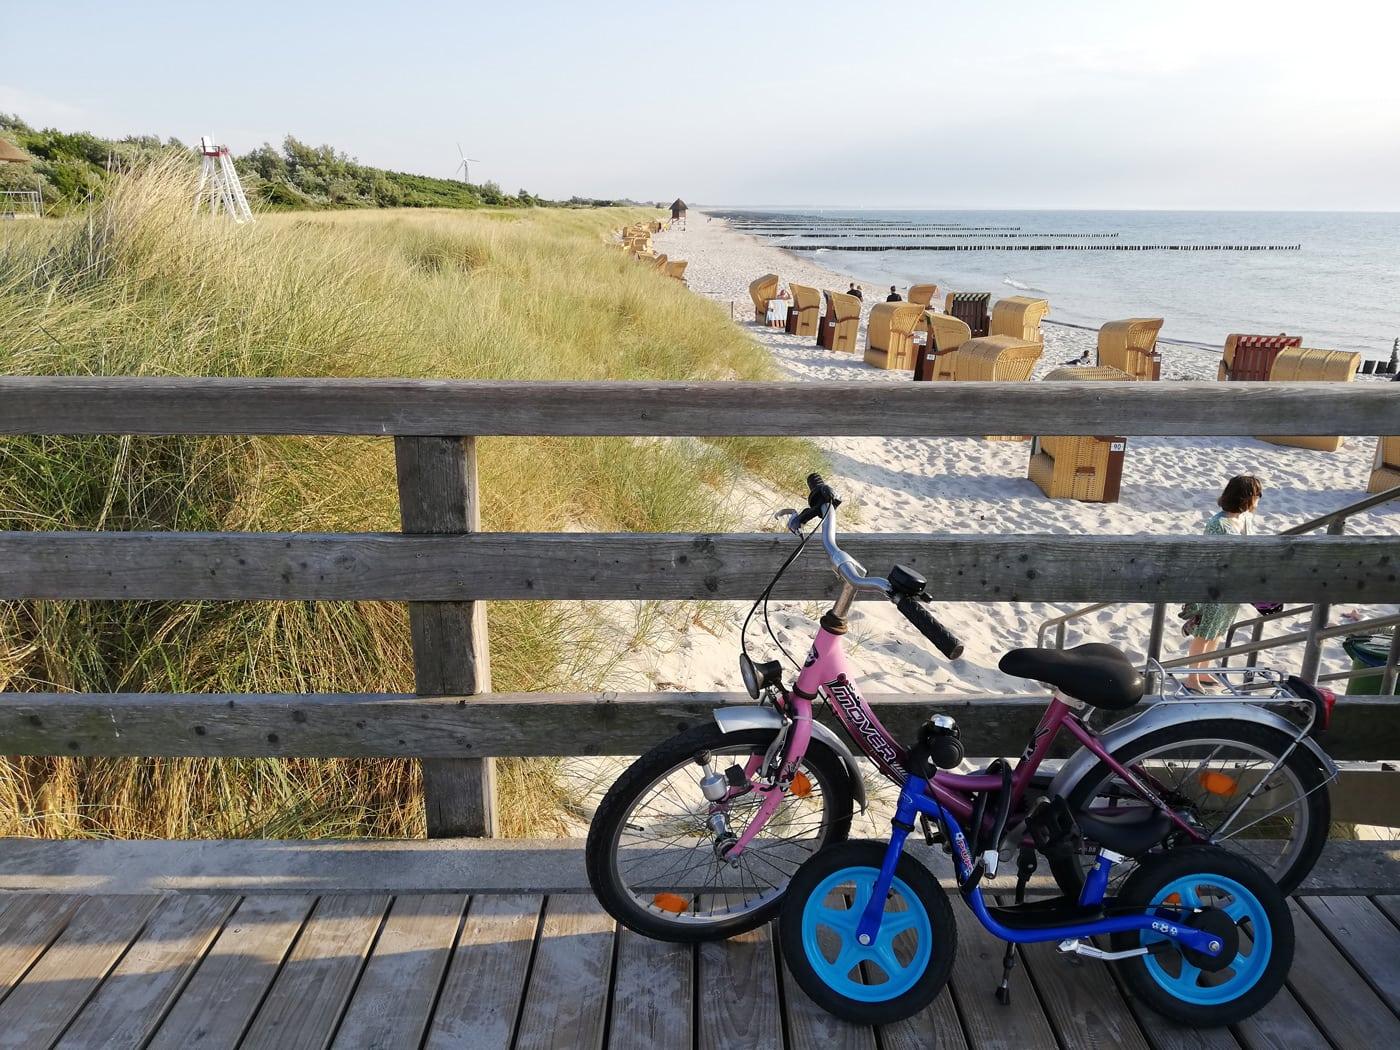 Fahrraeder am Strand